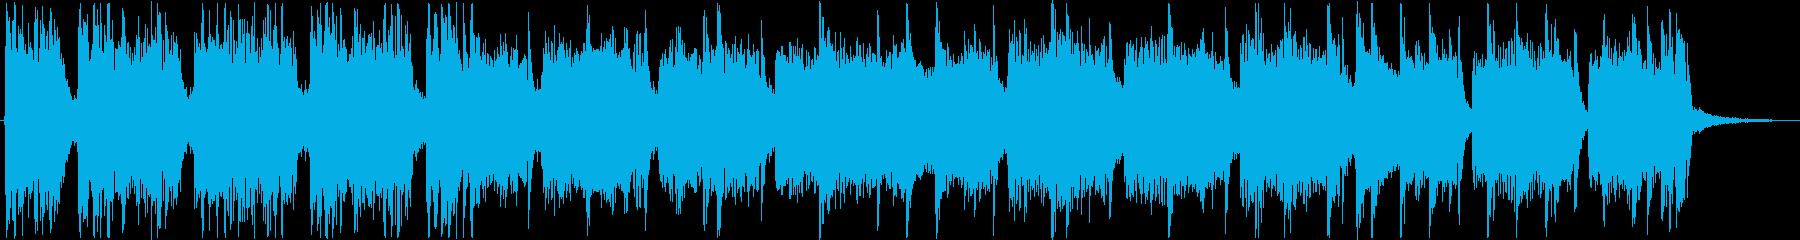 男気溢れるハードロック調イントロの再生済みの波形